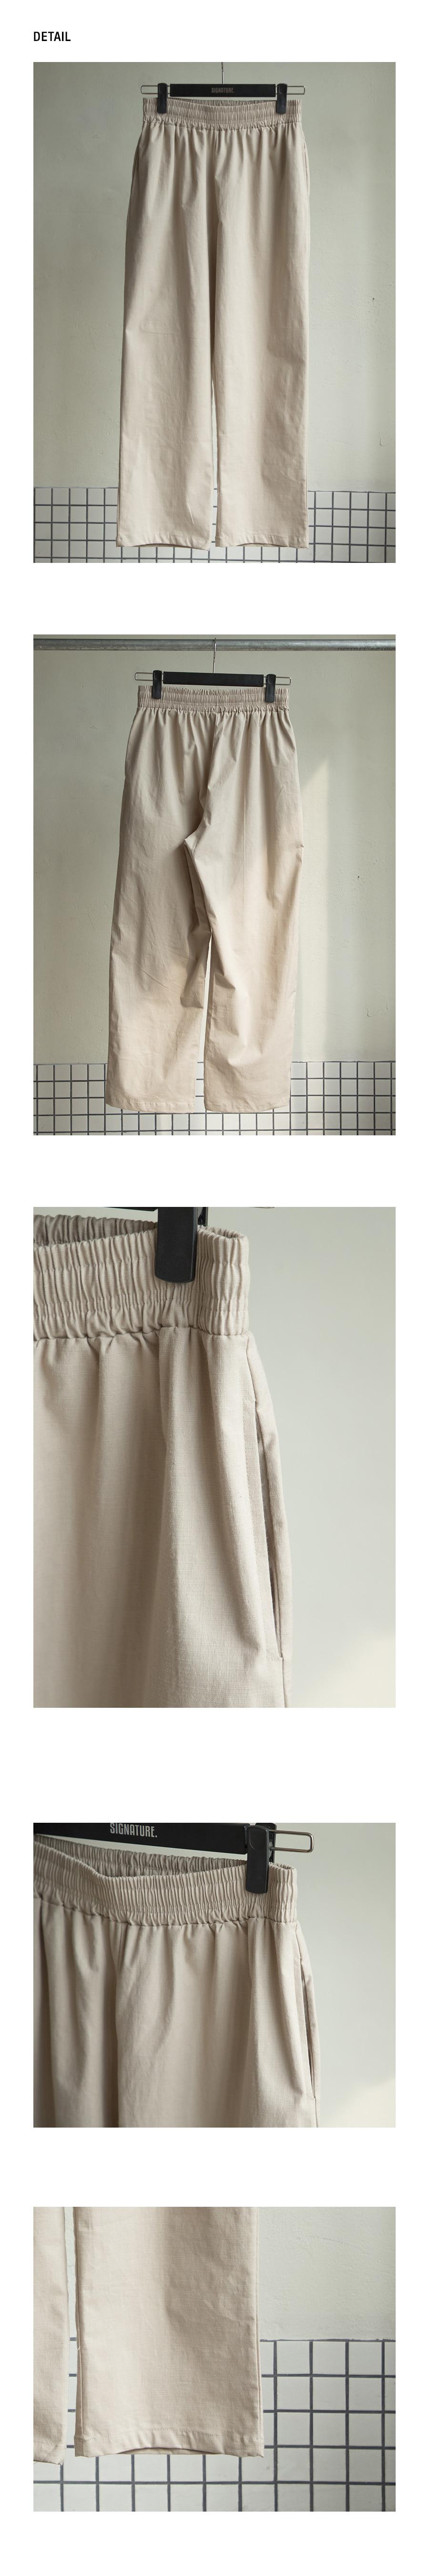 시그니처(SIGNATURE) [기획]린넨 릴렉스핏 크롭 팬츠 [네츄럴]